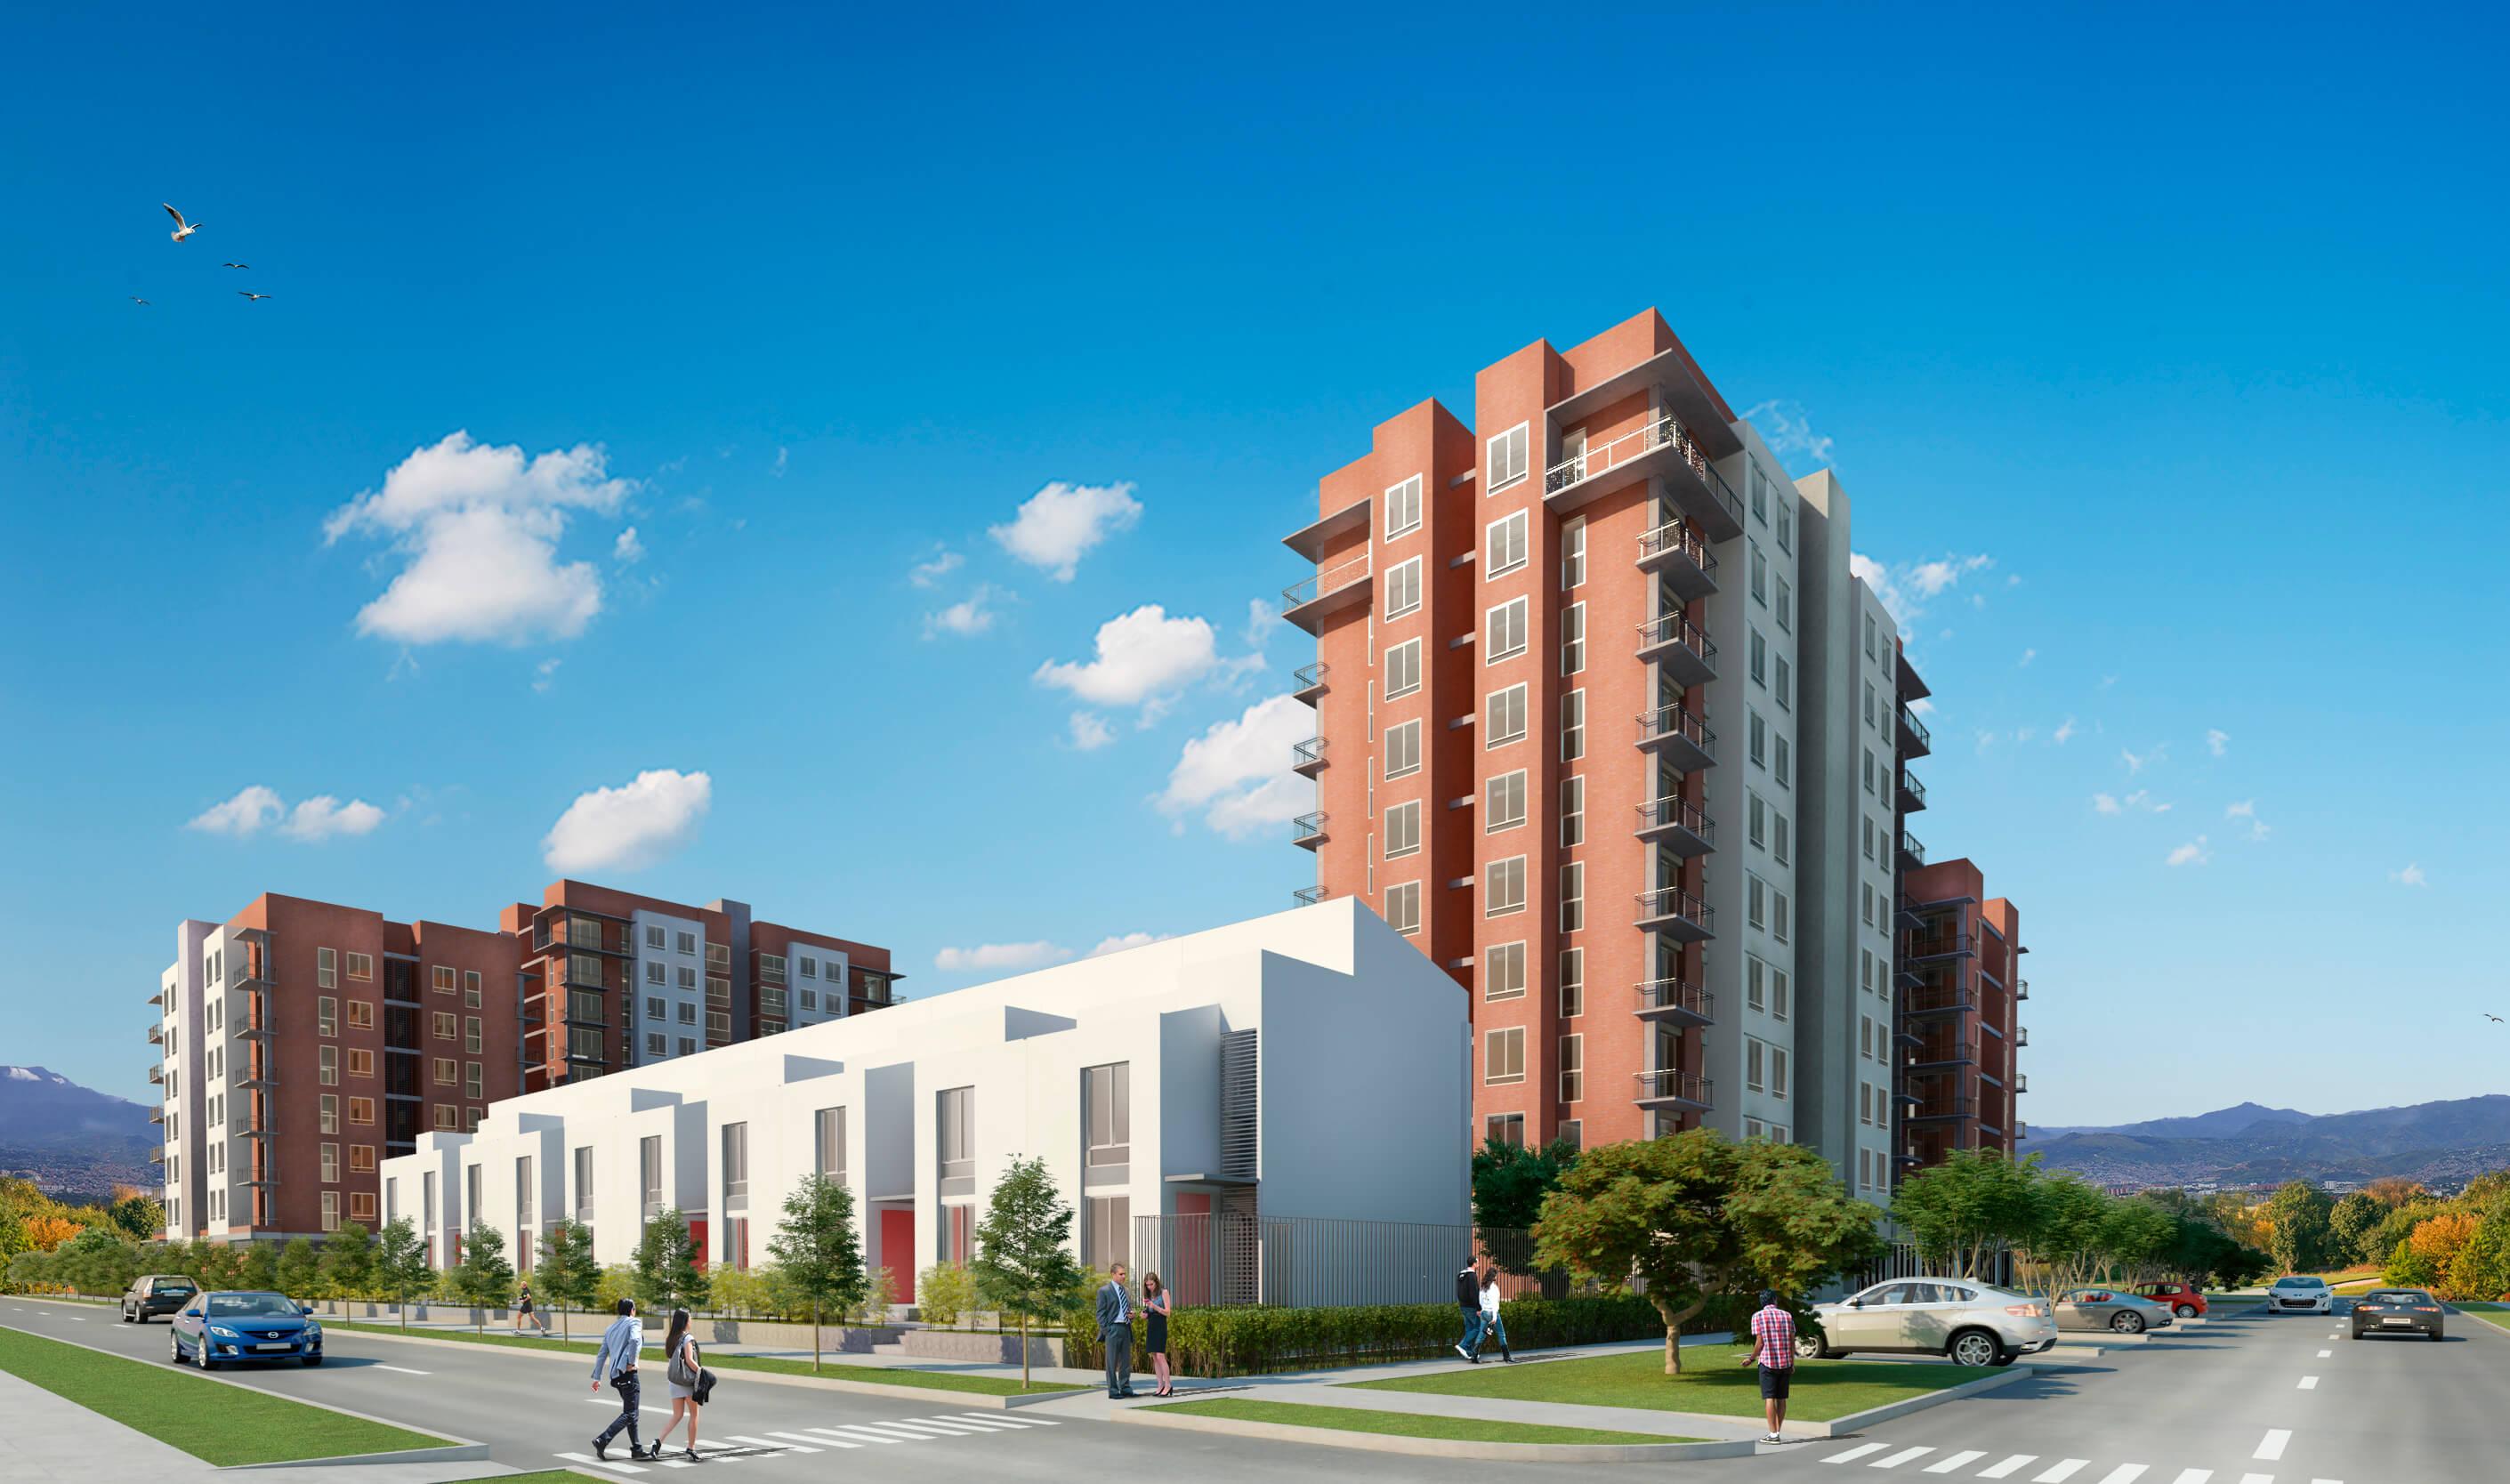 Celeste parque residencial casa en valle del lili cali m2 262 421 407 proyectos - Casa nueva viviendas ...